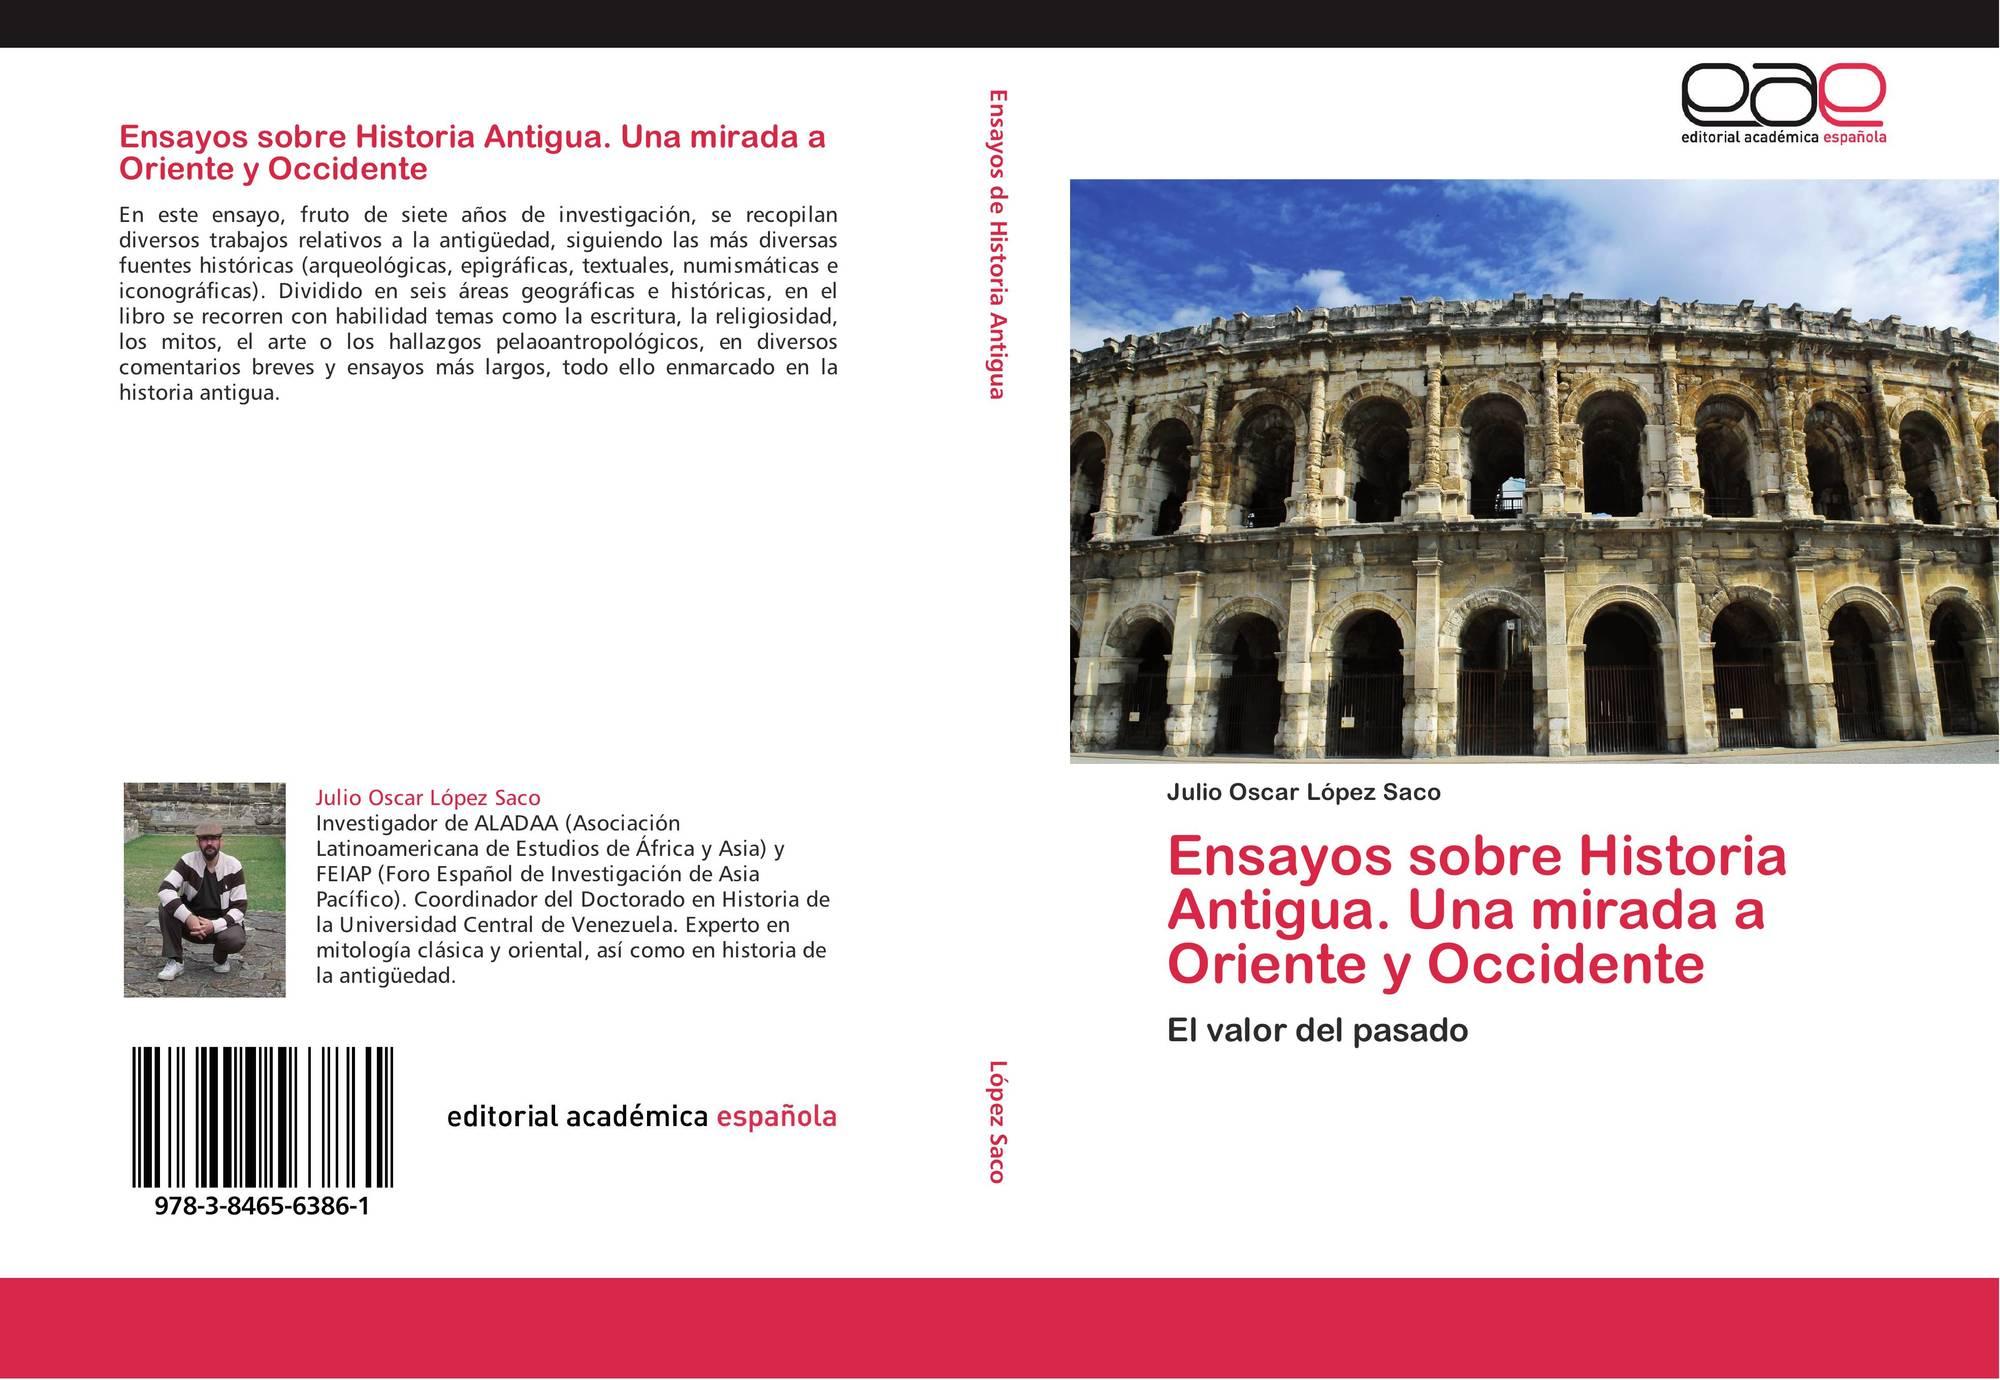 Ensayos sobre Historia Antigua. Una mirada a Oriente y Occidente ...